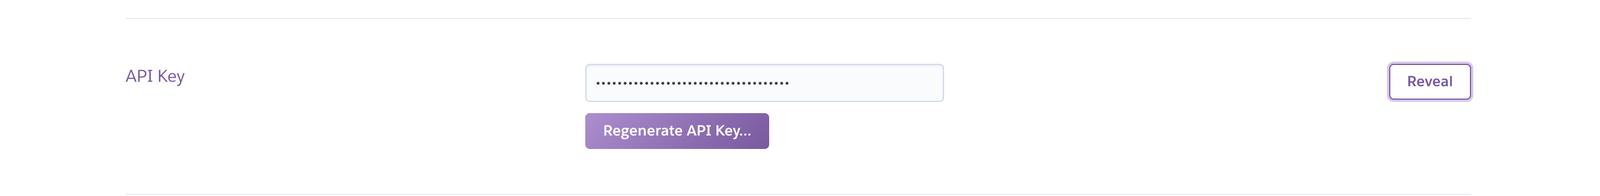 API Key section